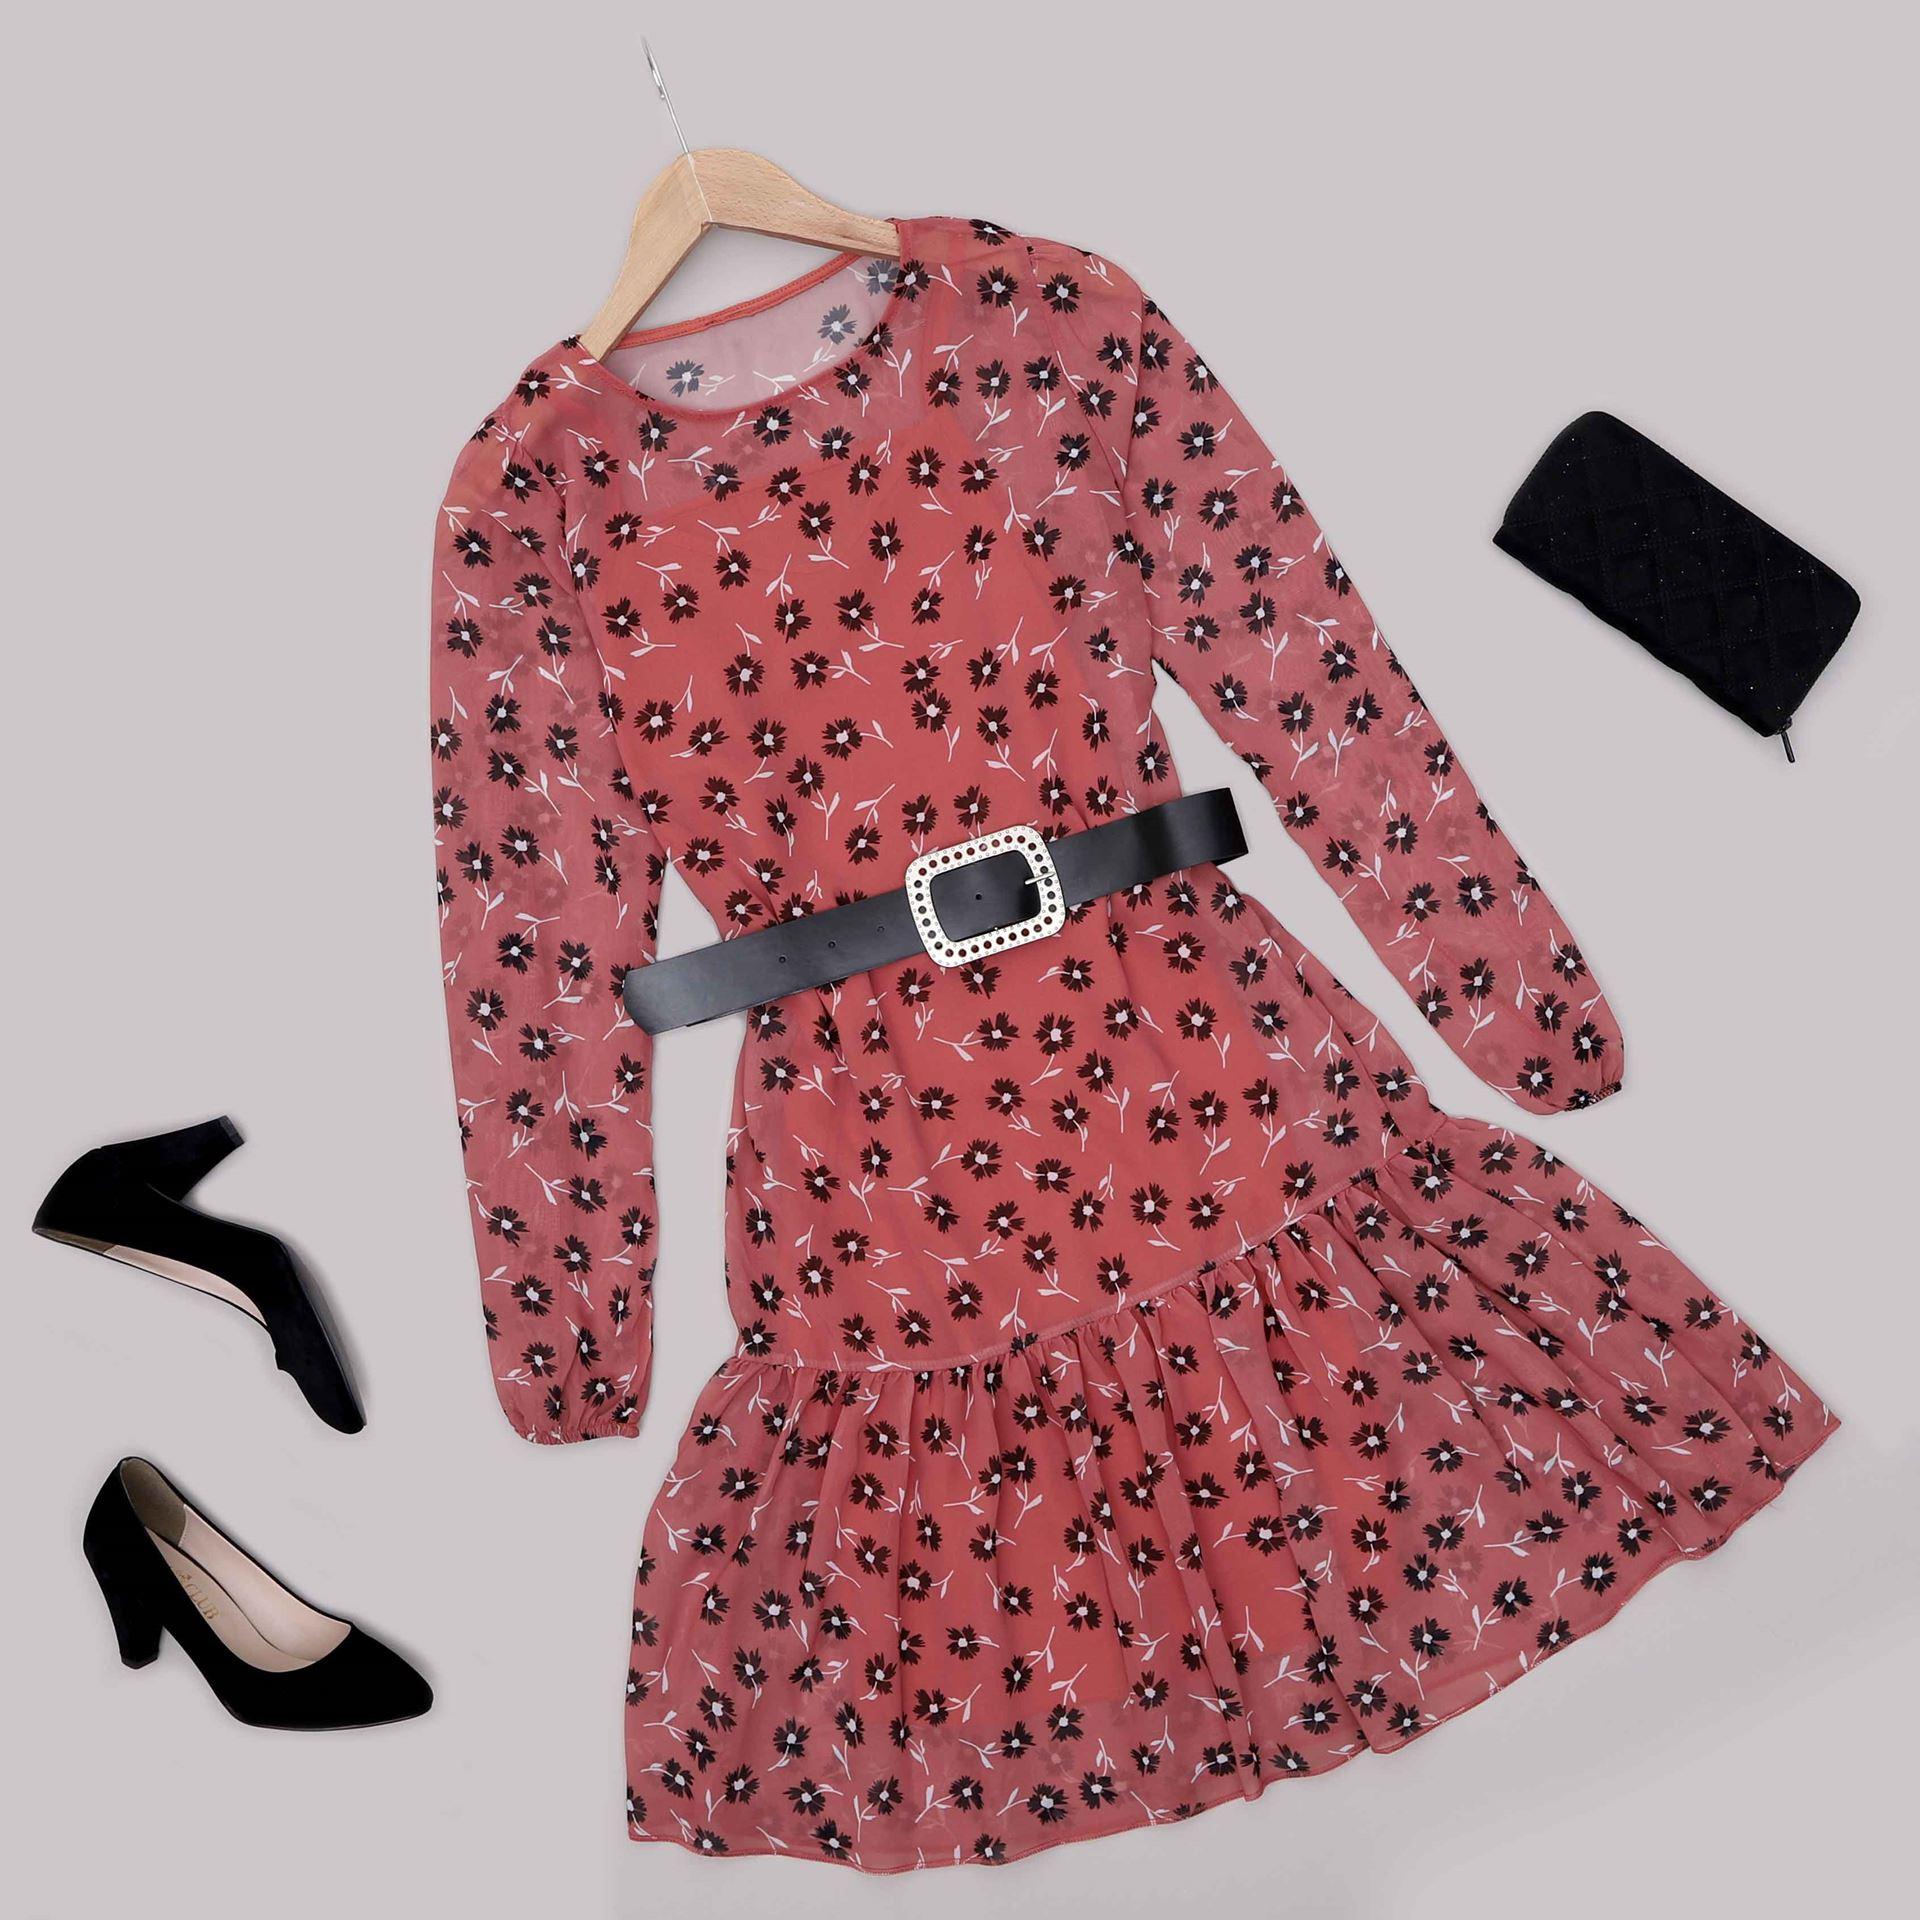 Gül Kurusu Şifon Elbise ELB574